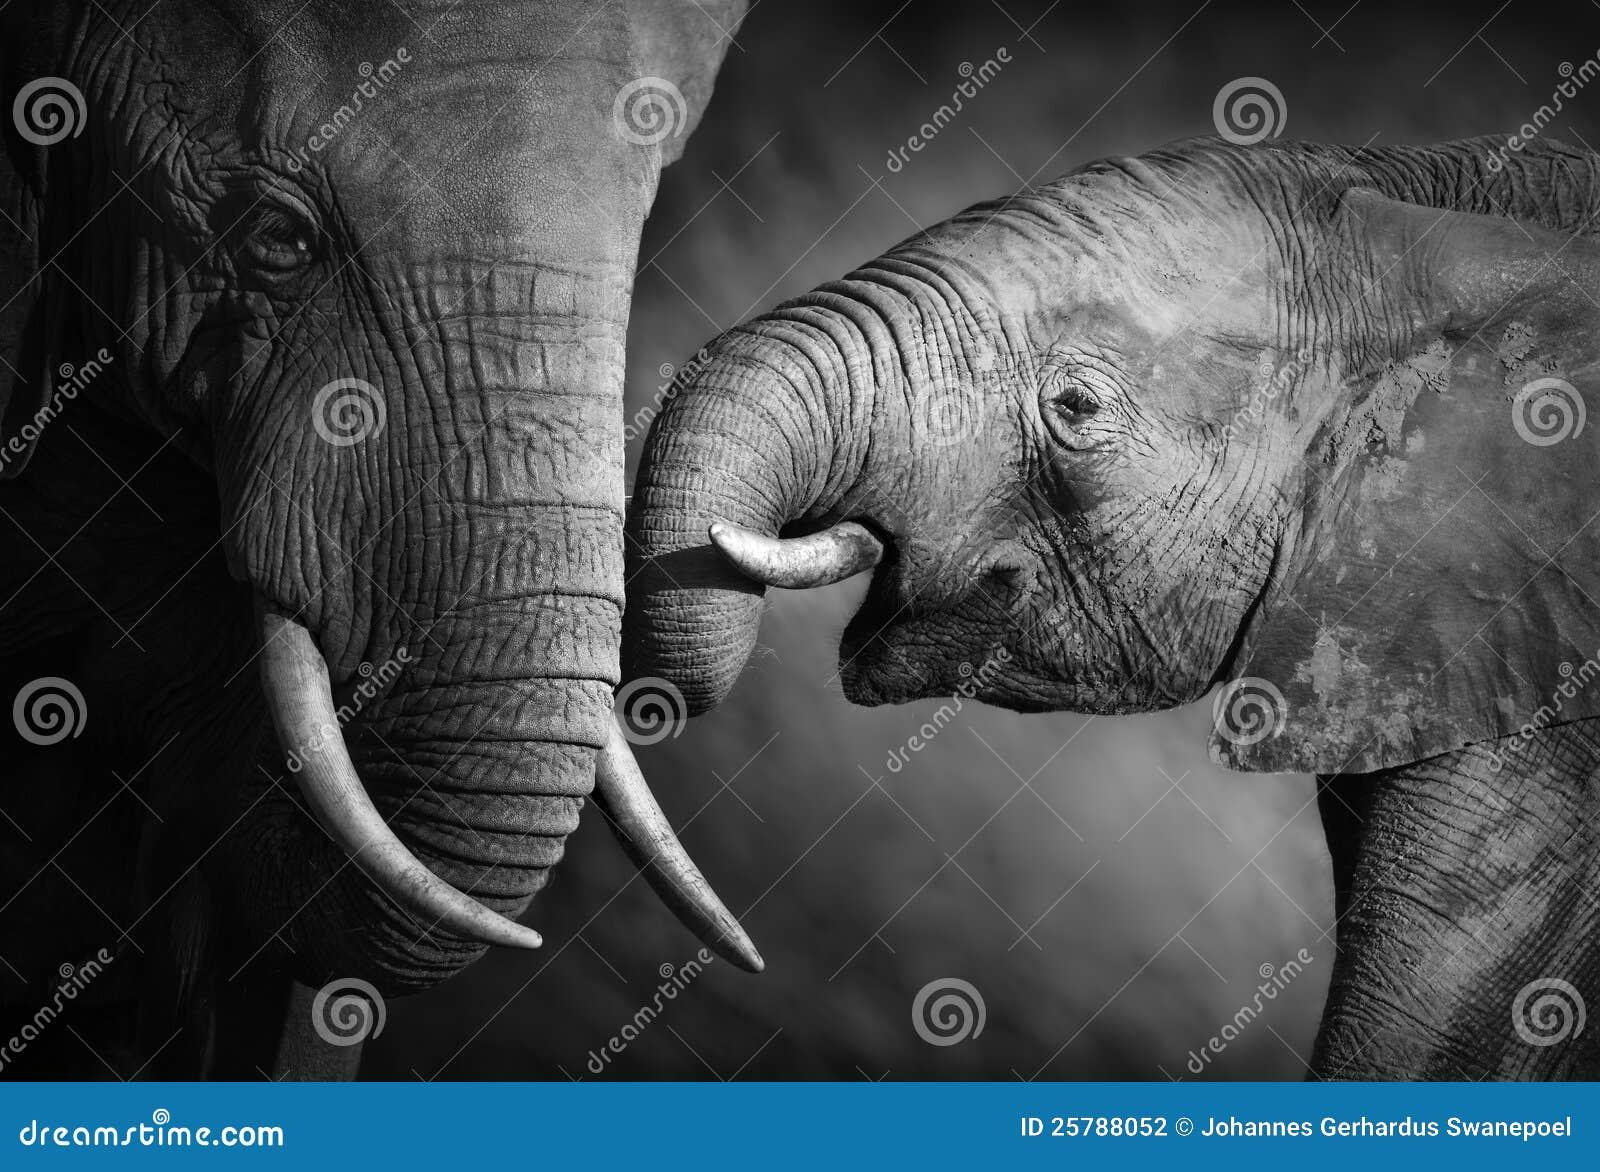 Afeição do elefante (processamento artístico)